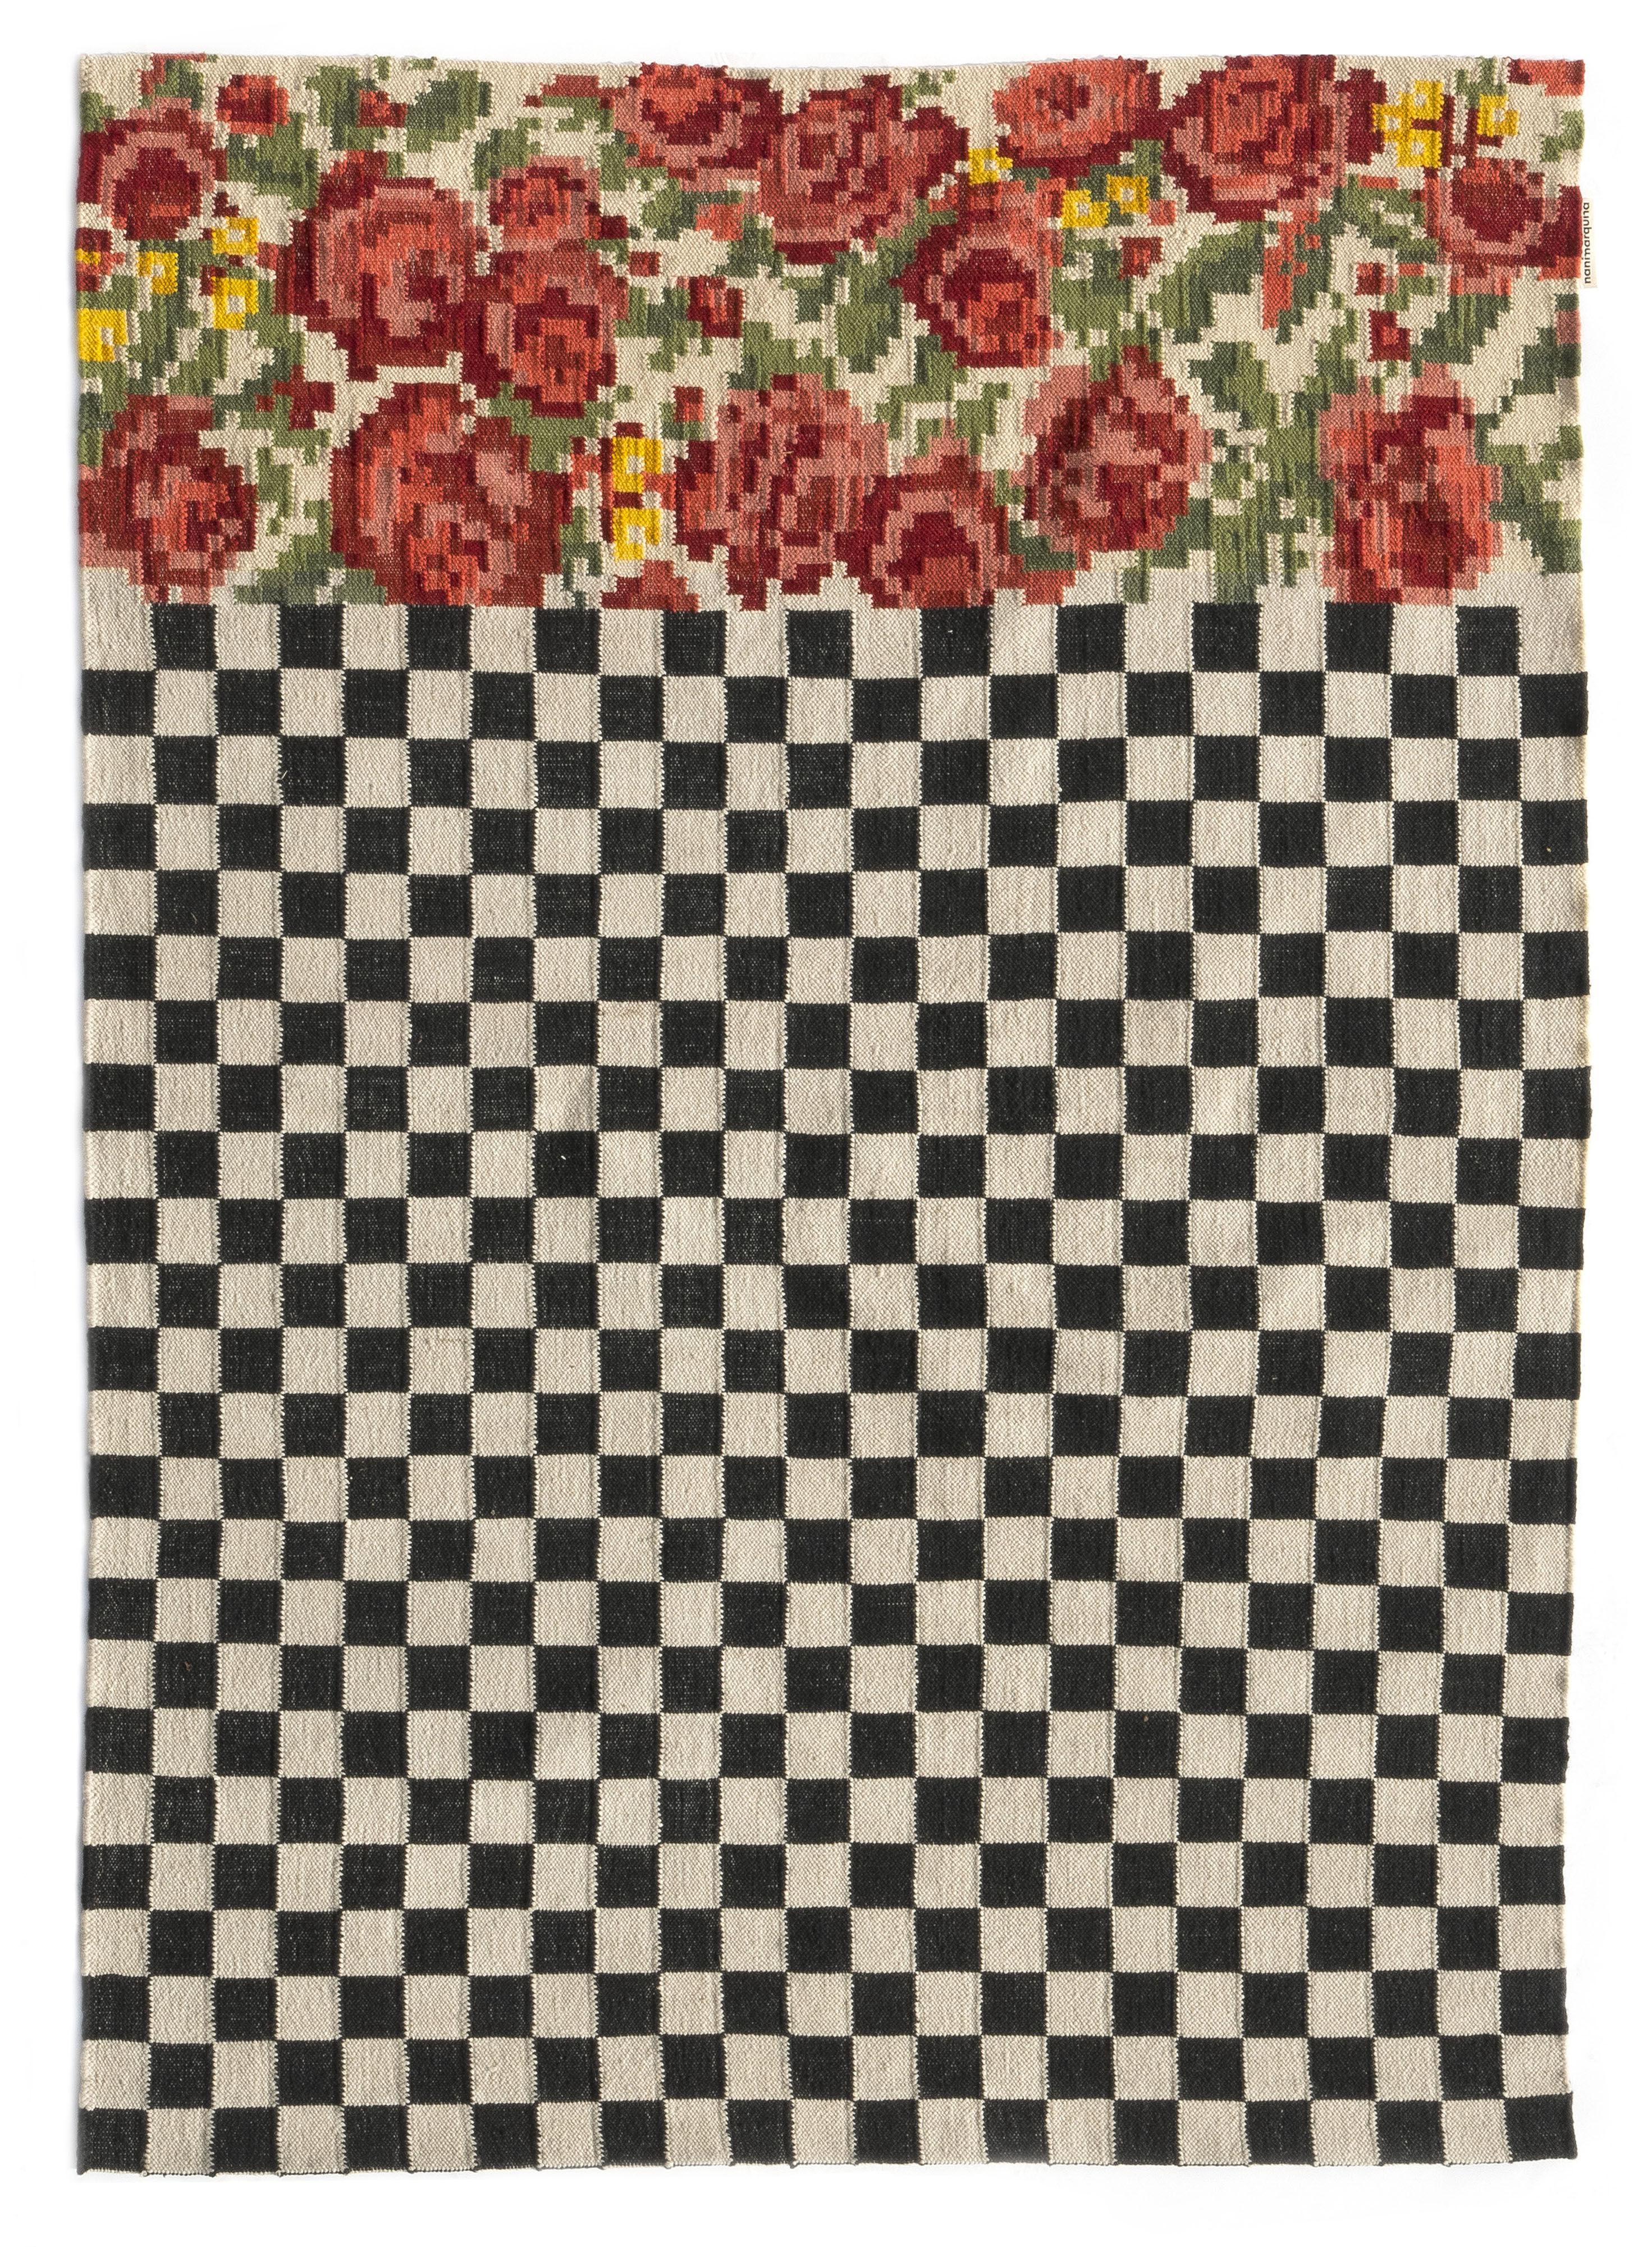 Dekoration - Teppiche - Oaxaca Außenteppich / Handgewebt - 200 x 300 cm - Nanimarquina - 200 x 300 cm / Schwarz & weiß - Polyäthylen